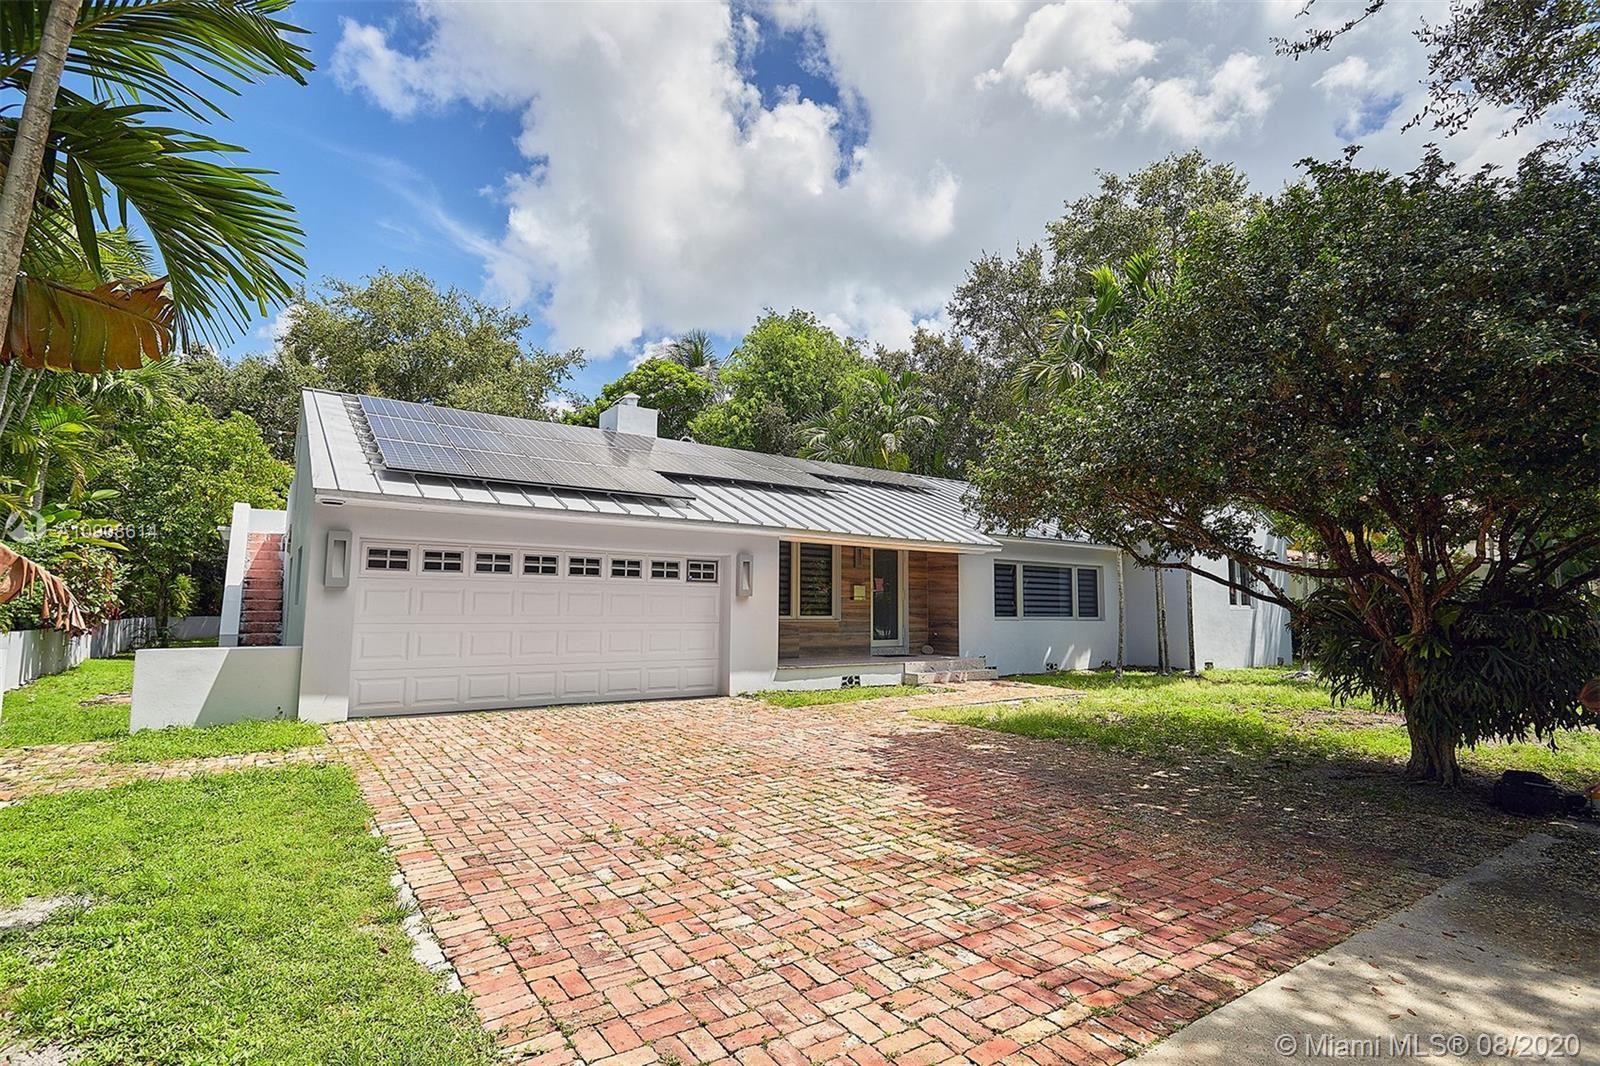 561 NE 95th St, Miami Shores, FL 33138 - #: A10908614